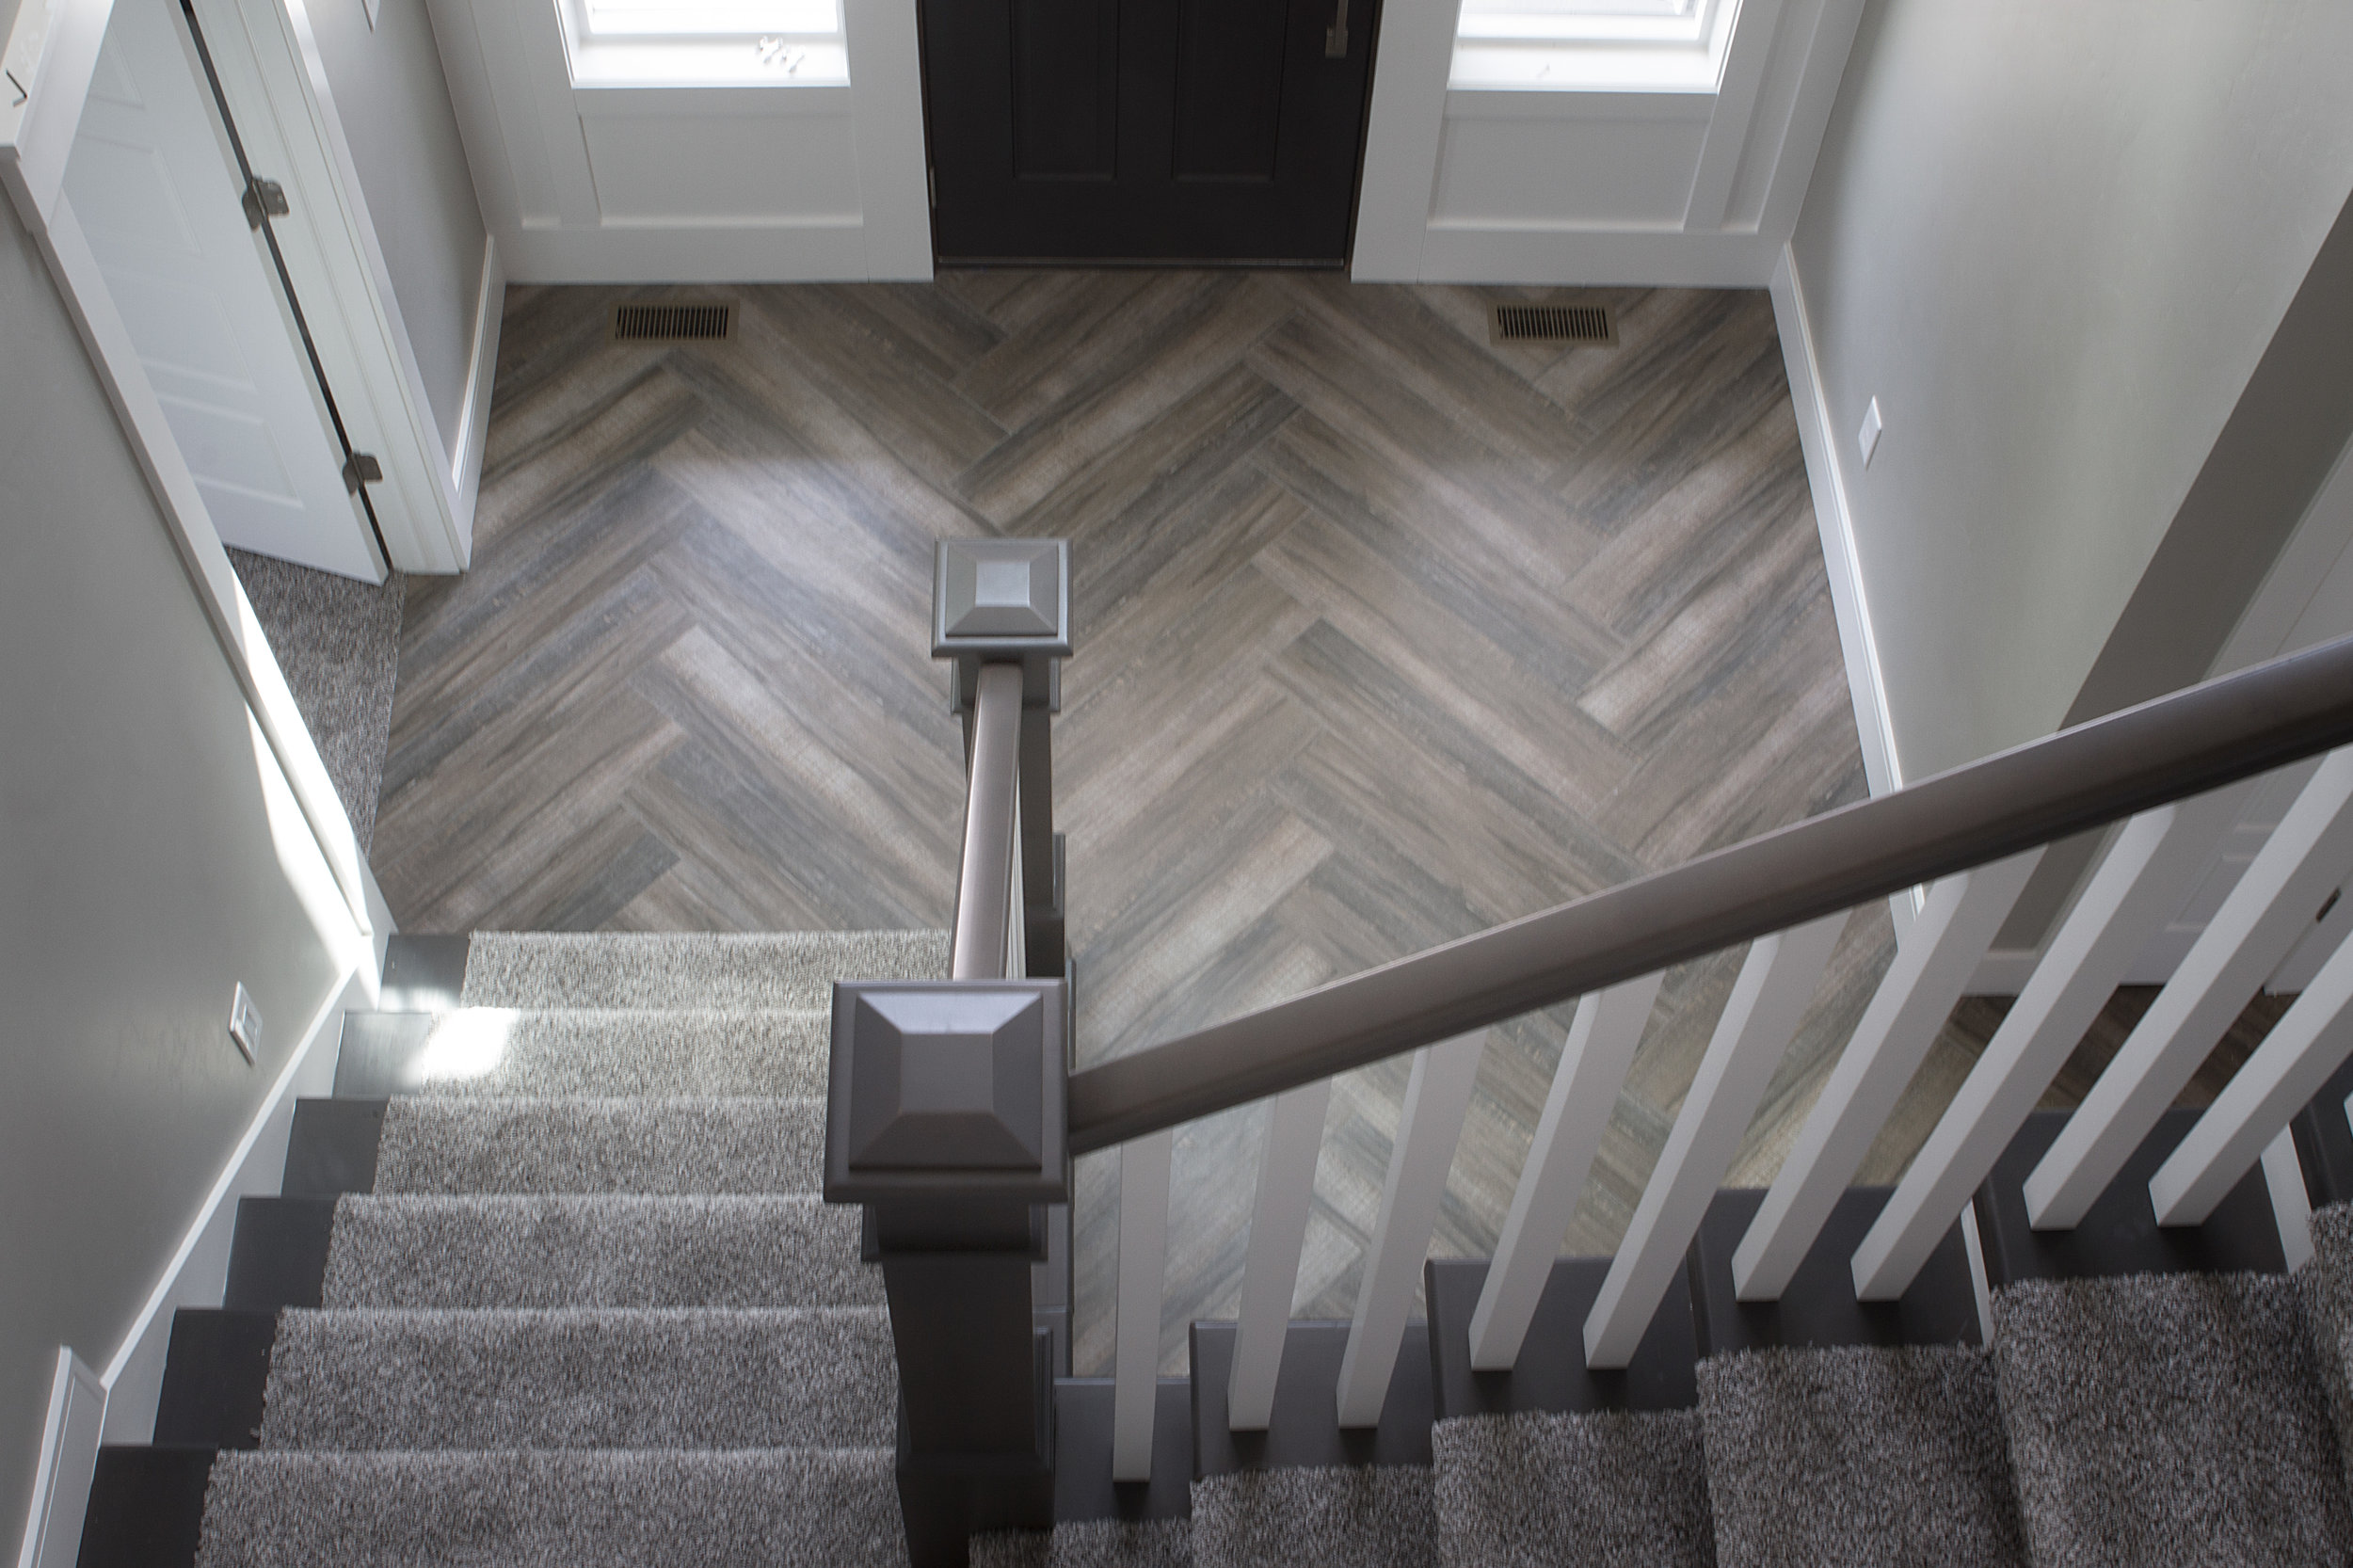 Wood Print Entryway Tile Floor - Herringbone Design